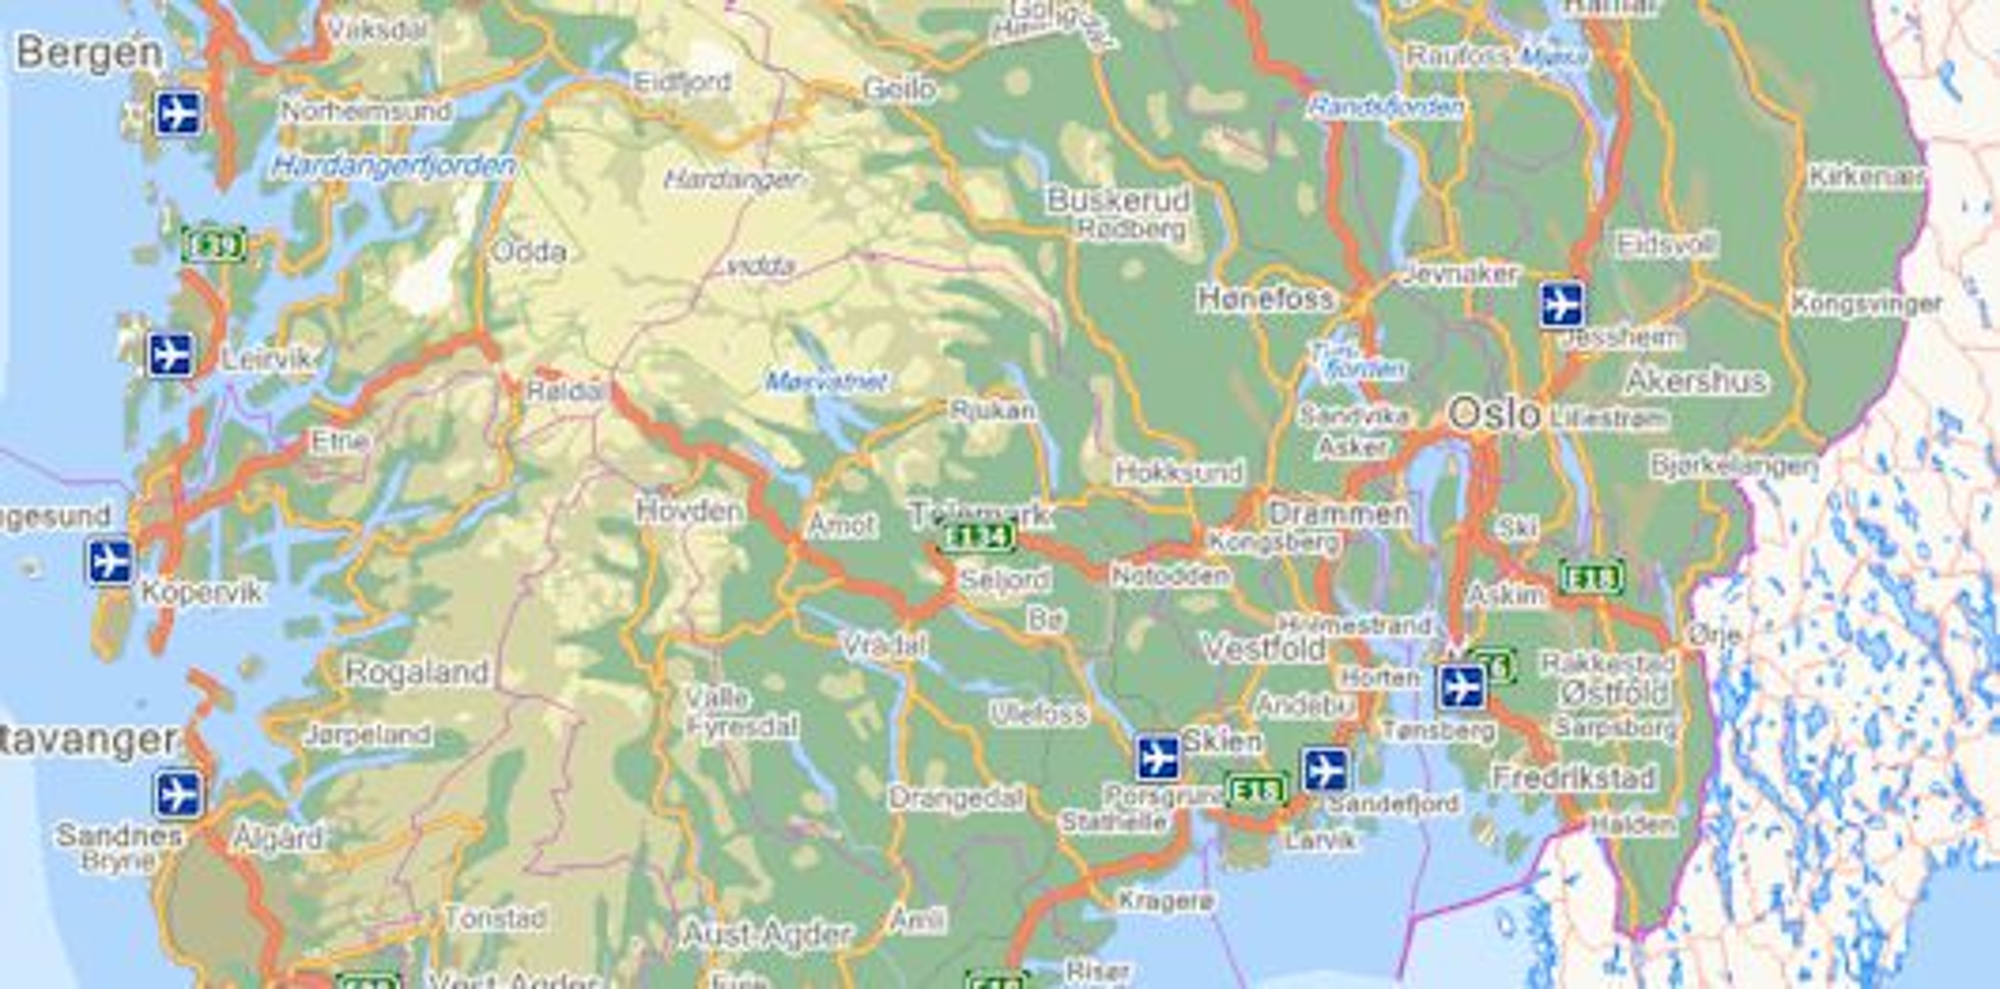 oversikt over norske datingsider Kristiansand